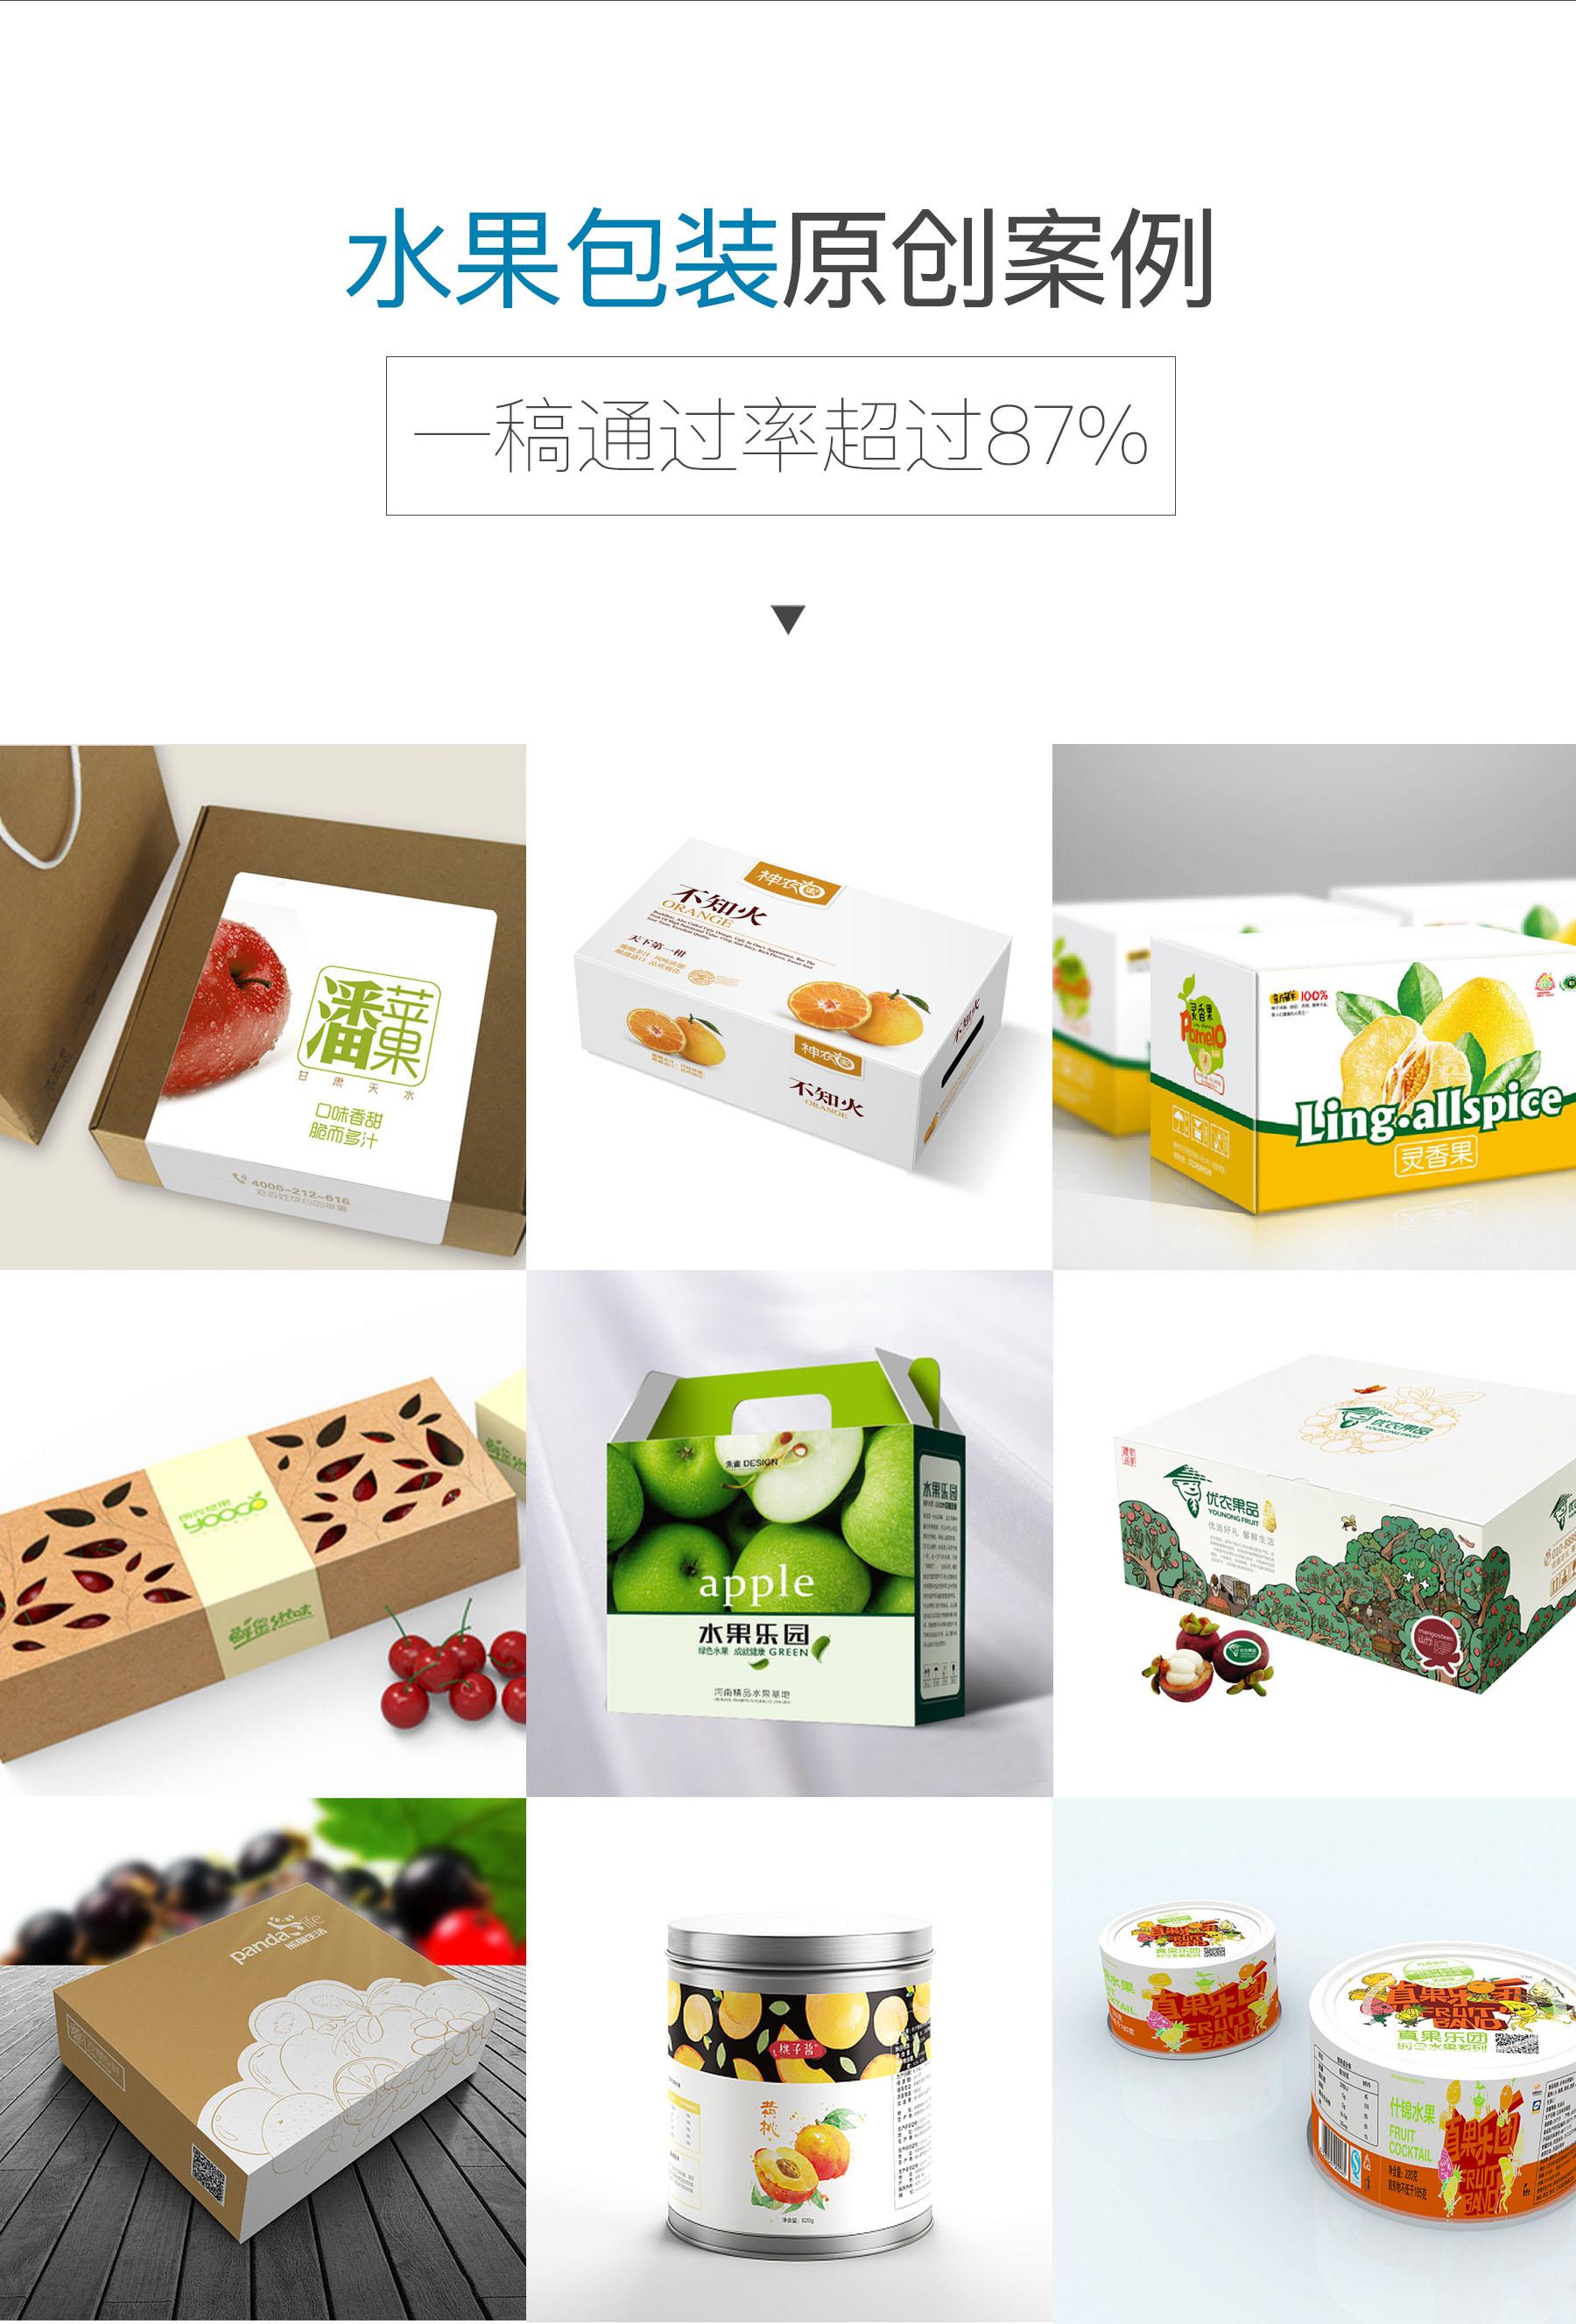 包装设计_【包装】食品酒水茶饮料红酒保健品农产品礼盒母婴原创包装设计13